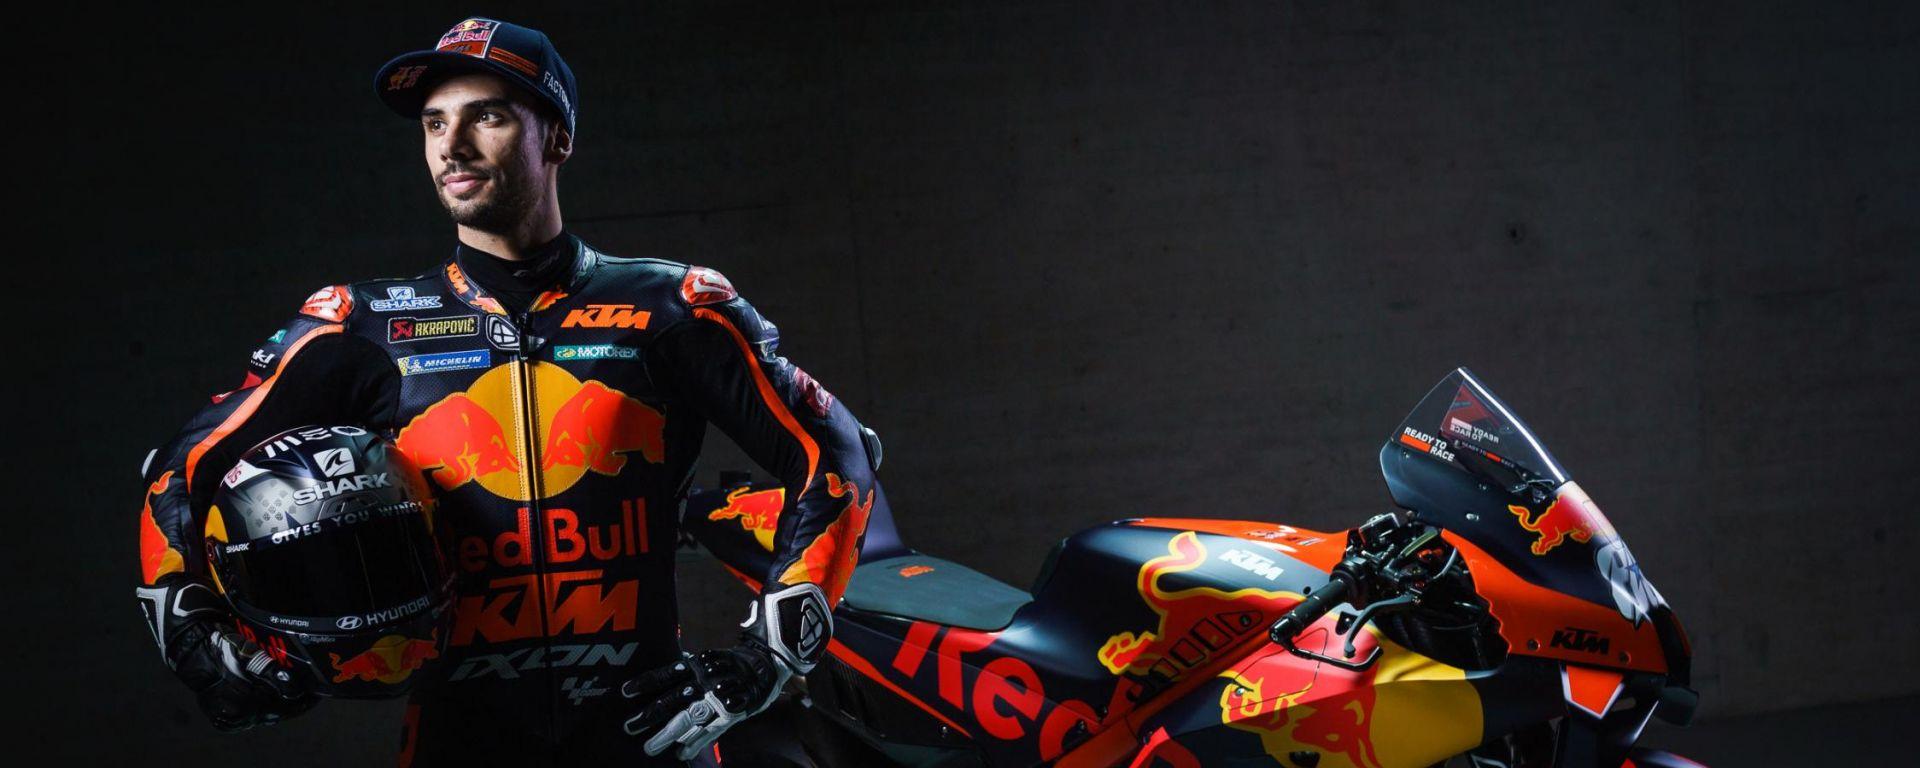 MotoGP 2021, Red Bull KTM Factory, KTM RC16: Miguel Oliveira